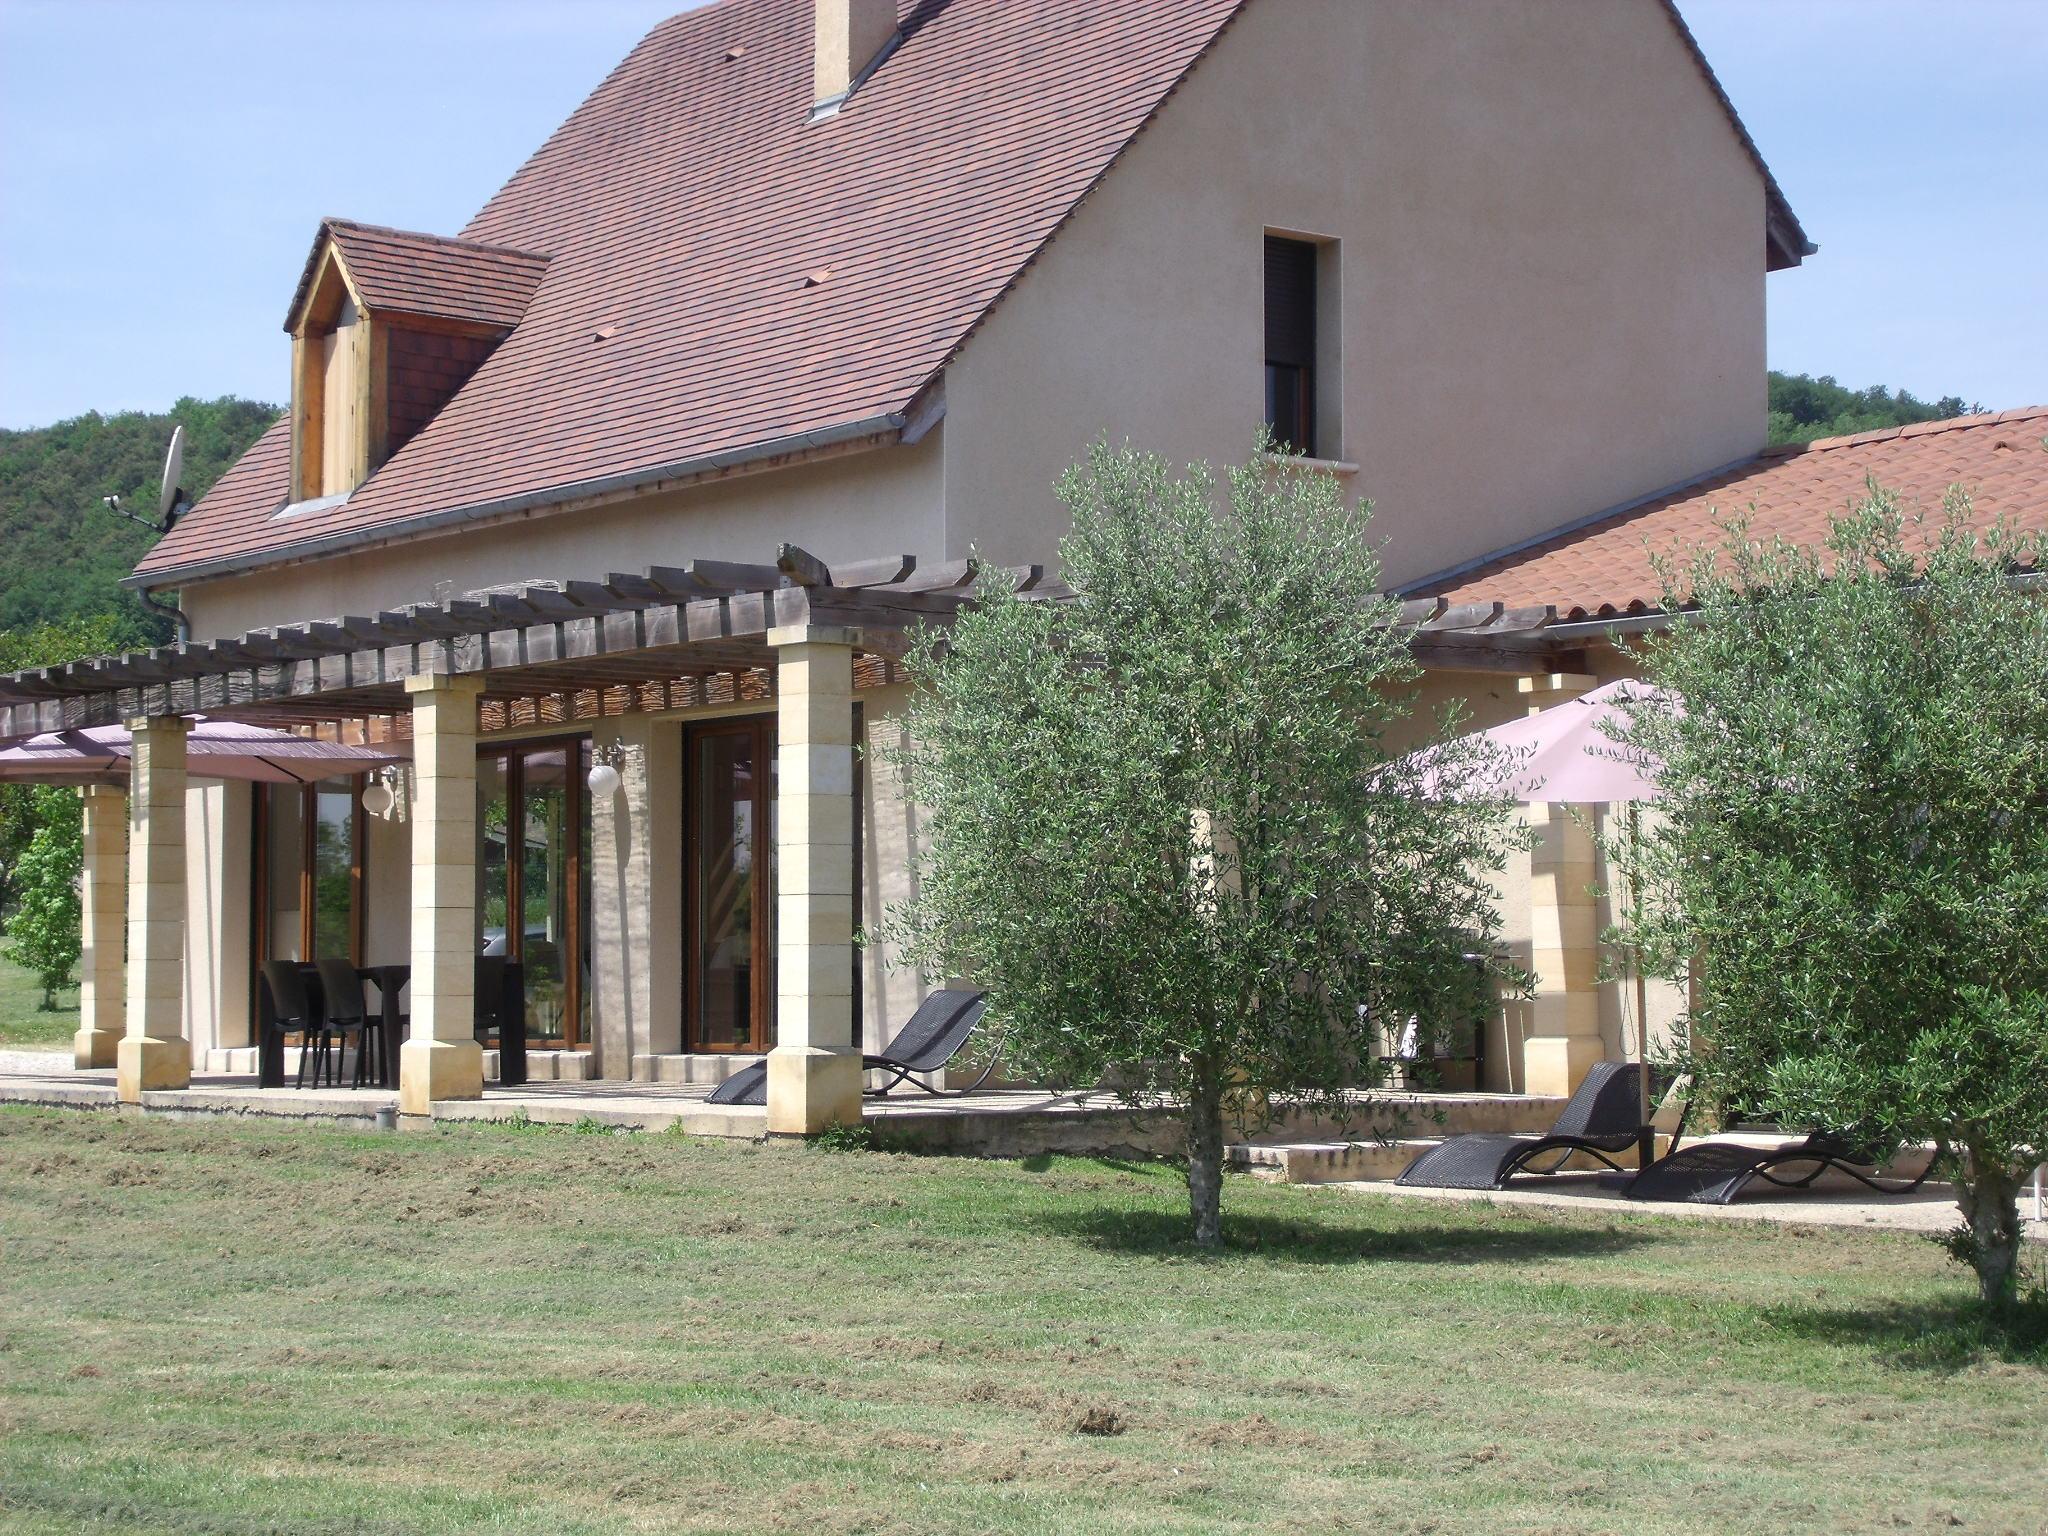 Maison Avec Piscine Interieure Couverte Chauffee Roque ... à Location Dordogne Piscine